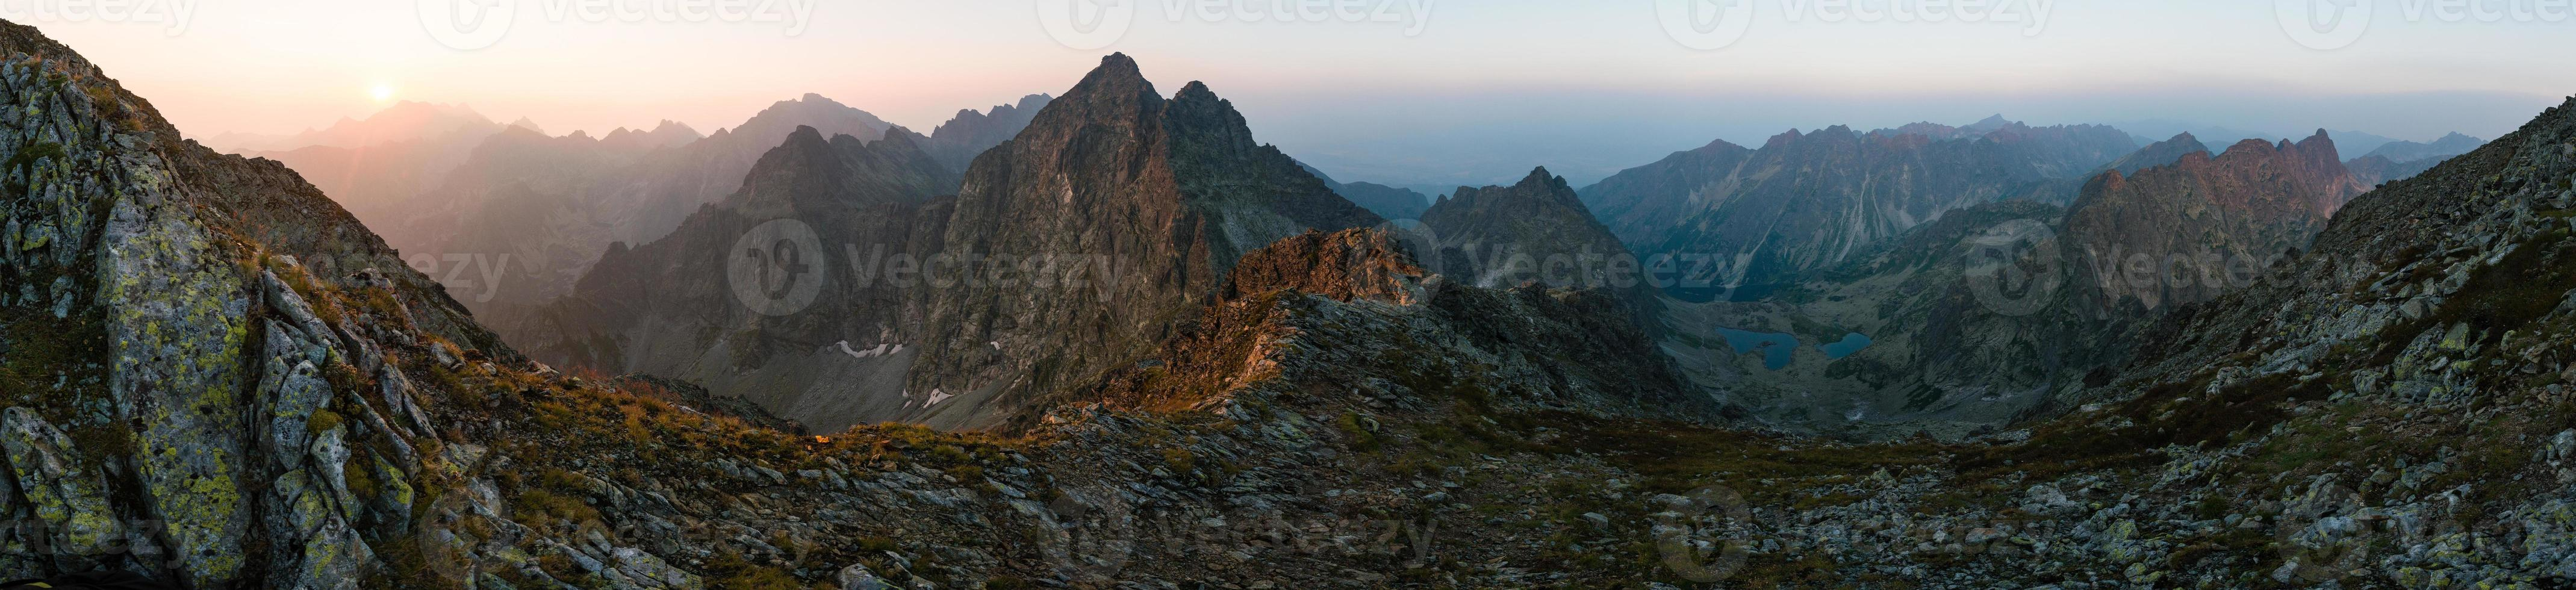 Picos de tatras altos do cume rysy durante o amanhecer foto